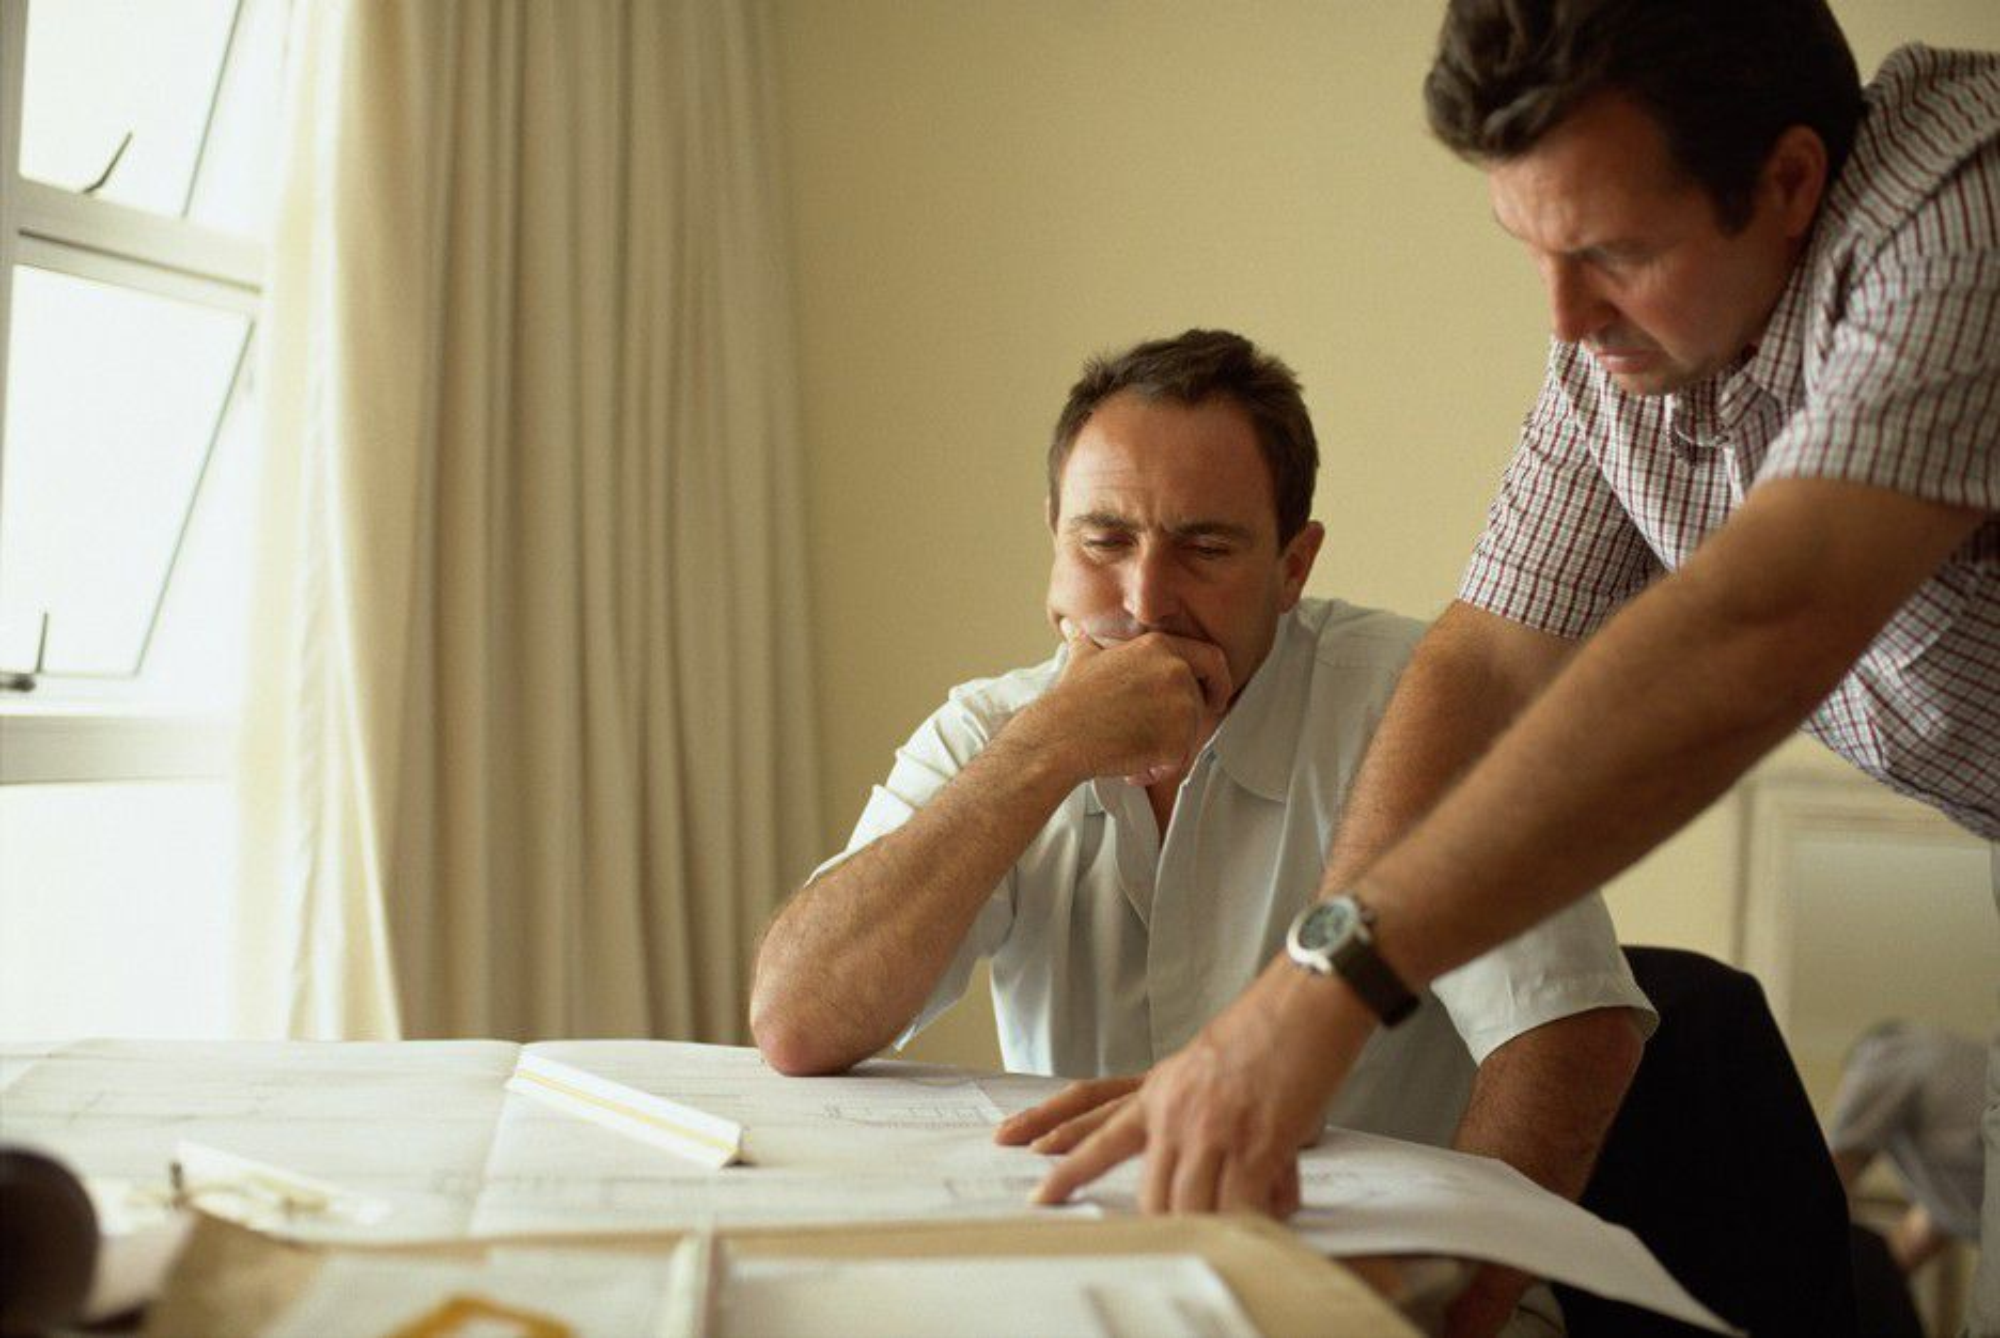 TRYNEFAKTOR: Selv om du ikke tåler trynet på din kollega, kan du være nødt til å samarbeide likevel.